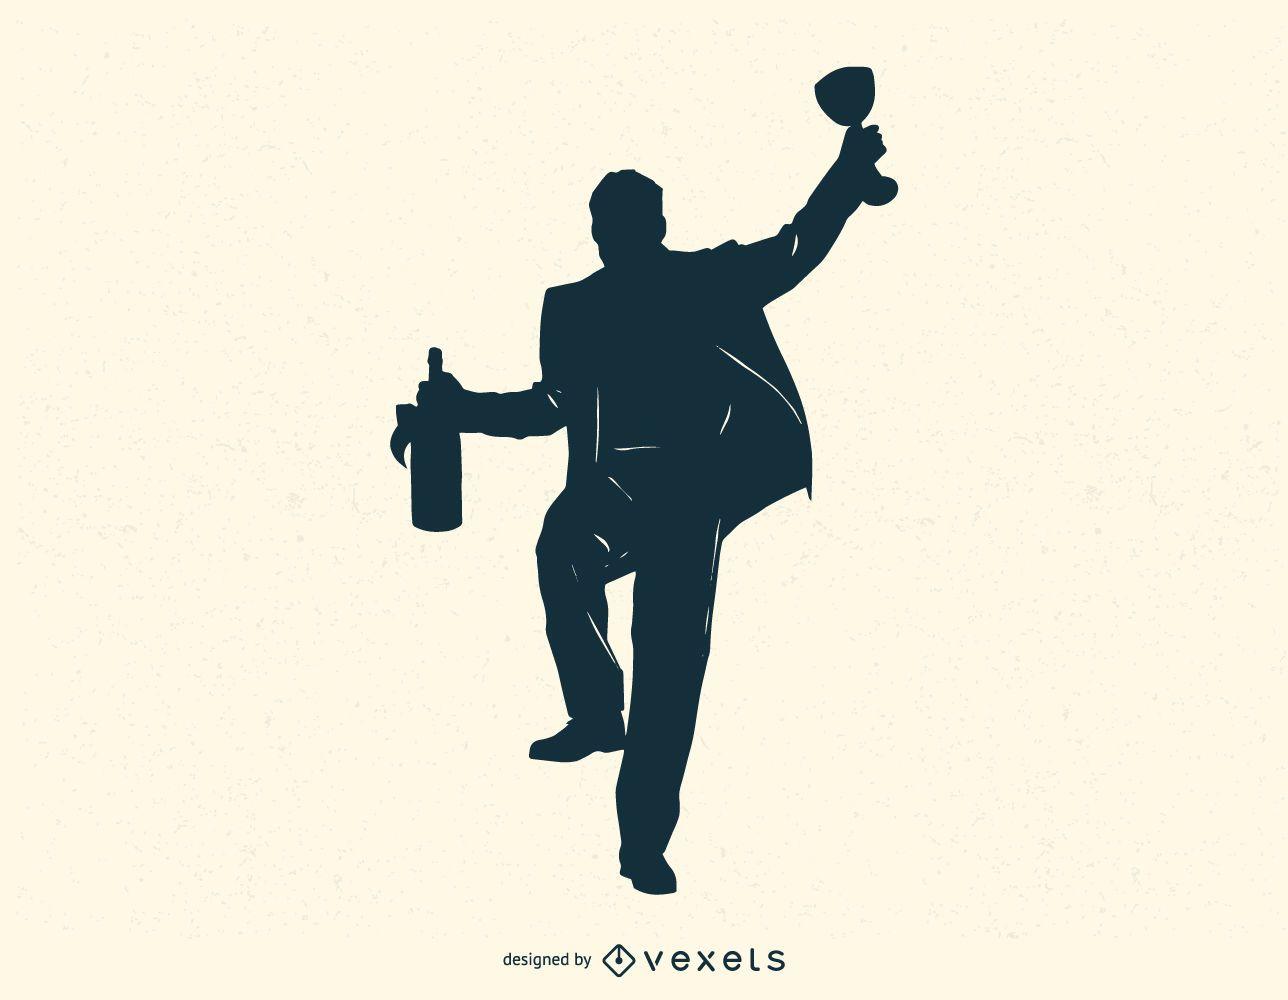 Mann mit Flasche und Trinkglas Silhouette